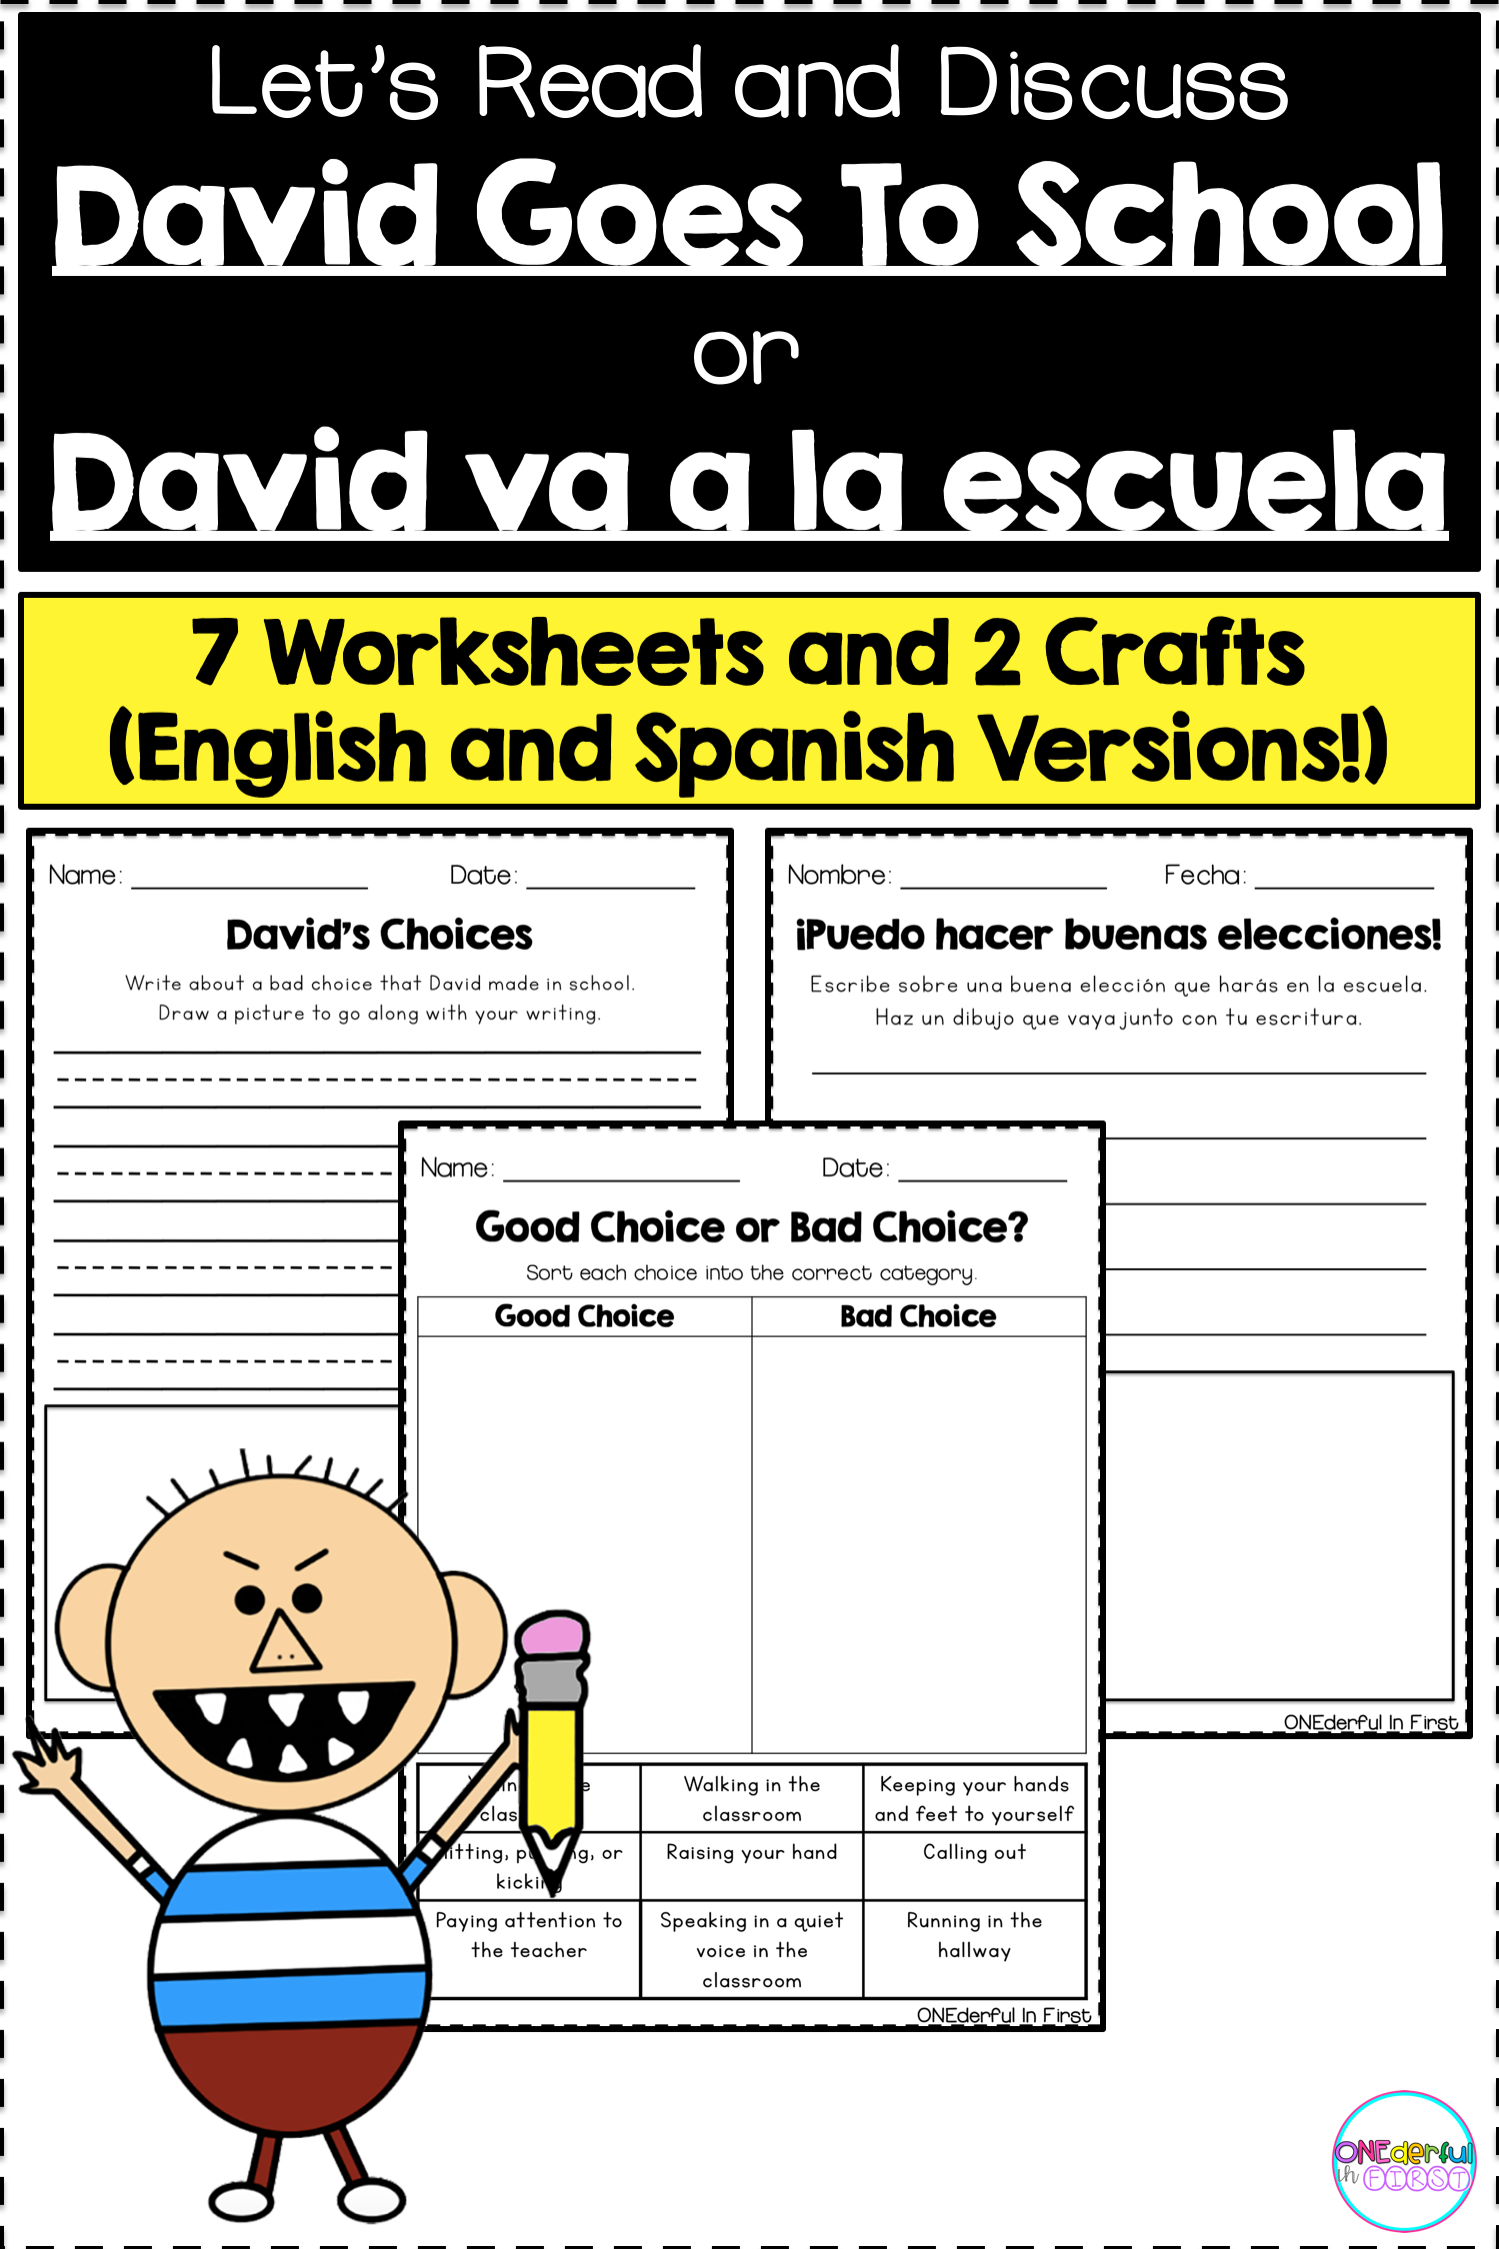 David Goes To School Amp David Va A La Escuela